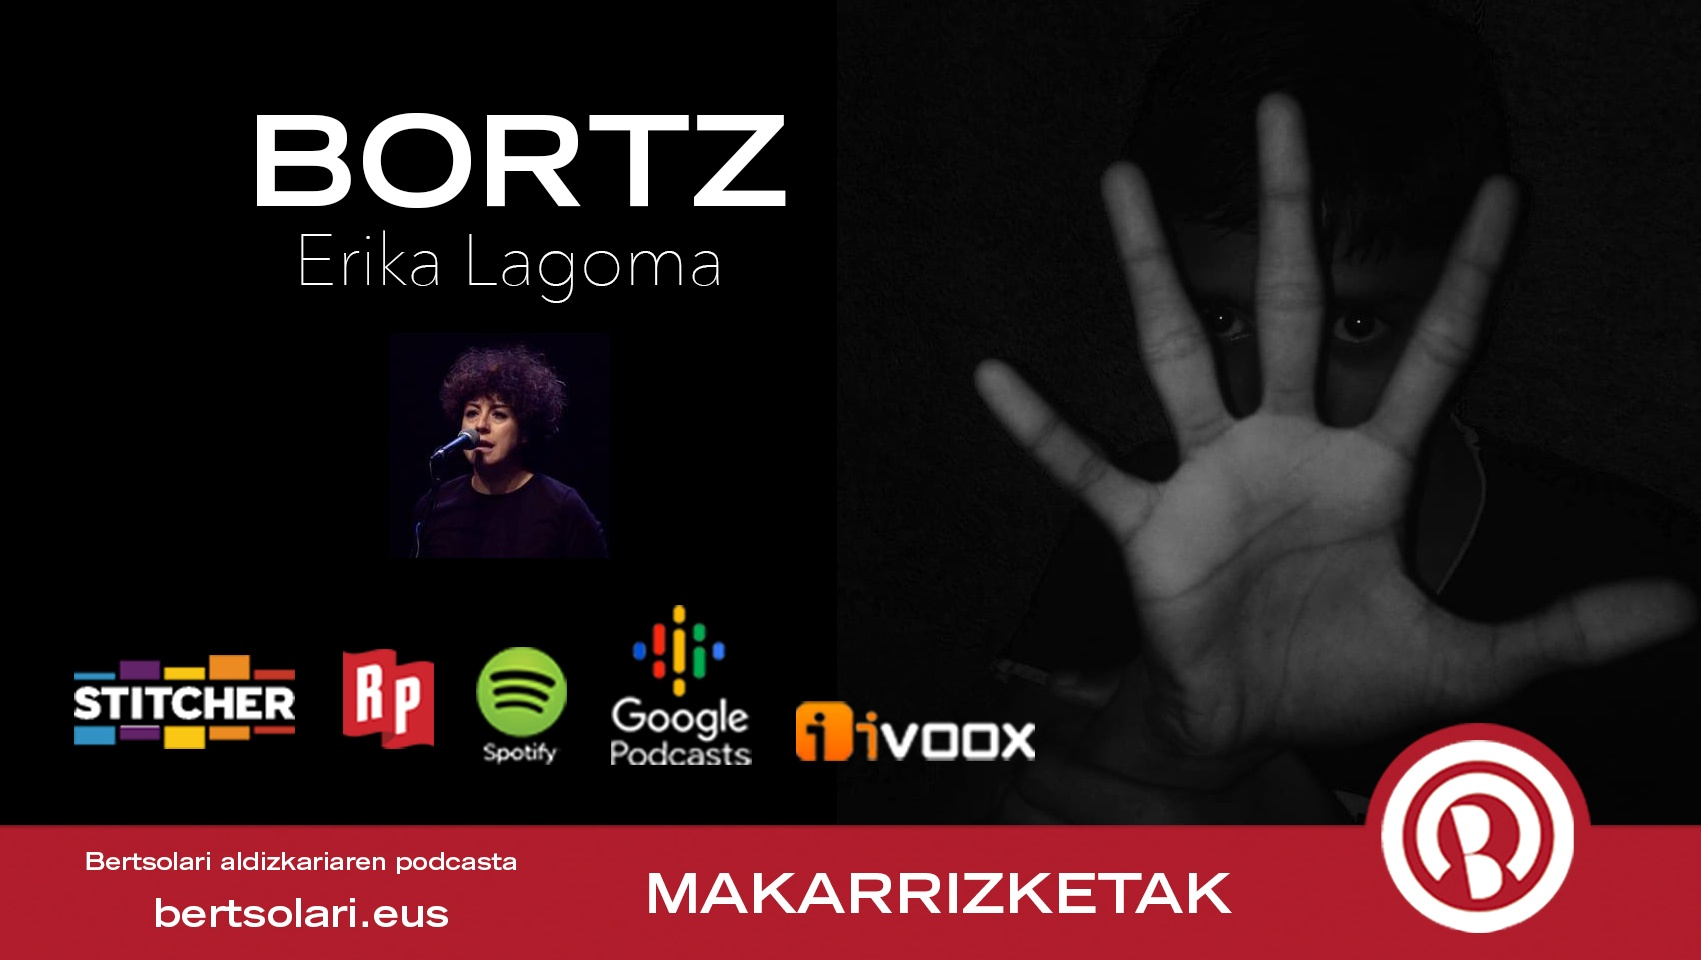 Erika Lagoma – Bortz